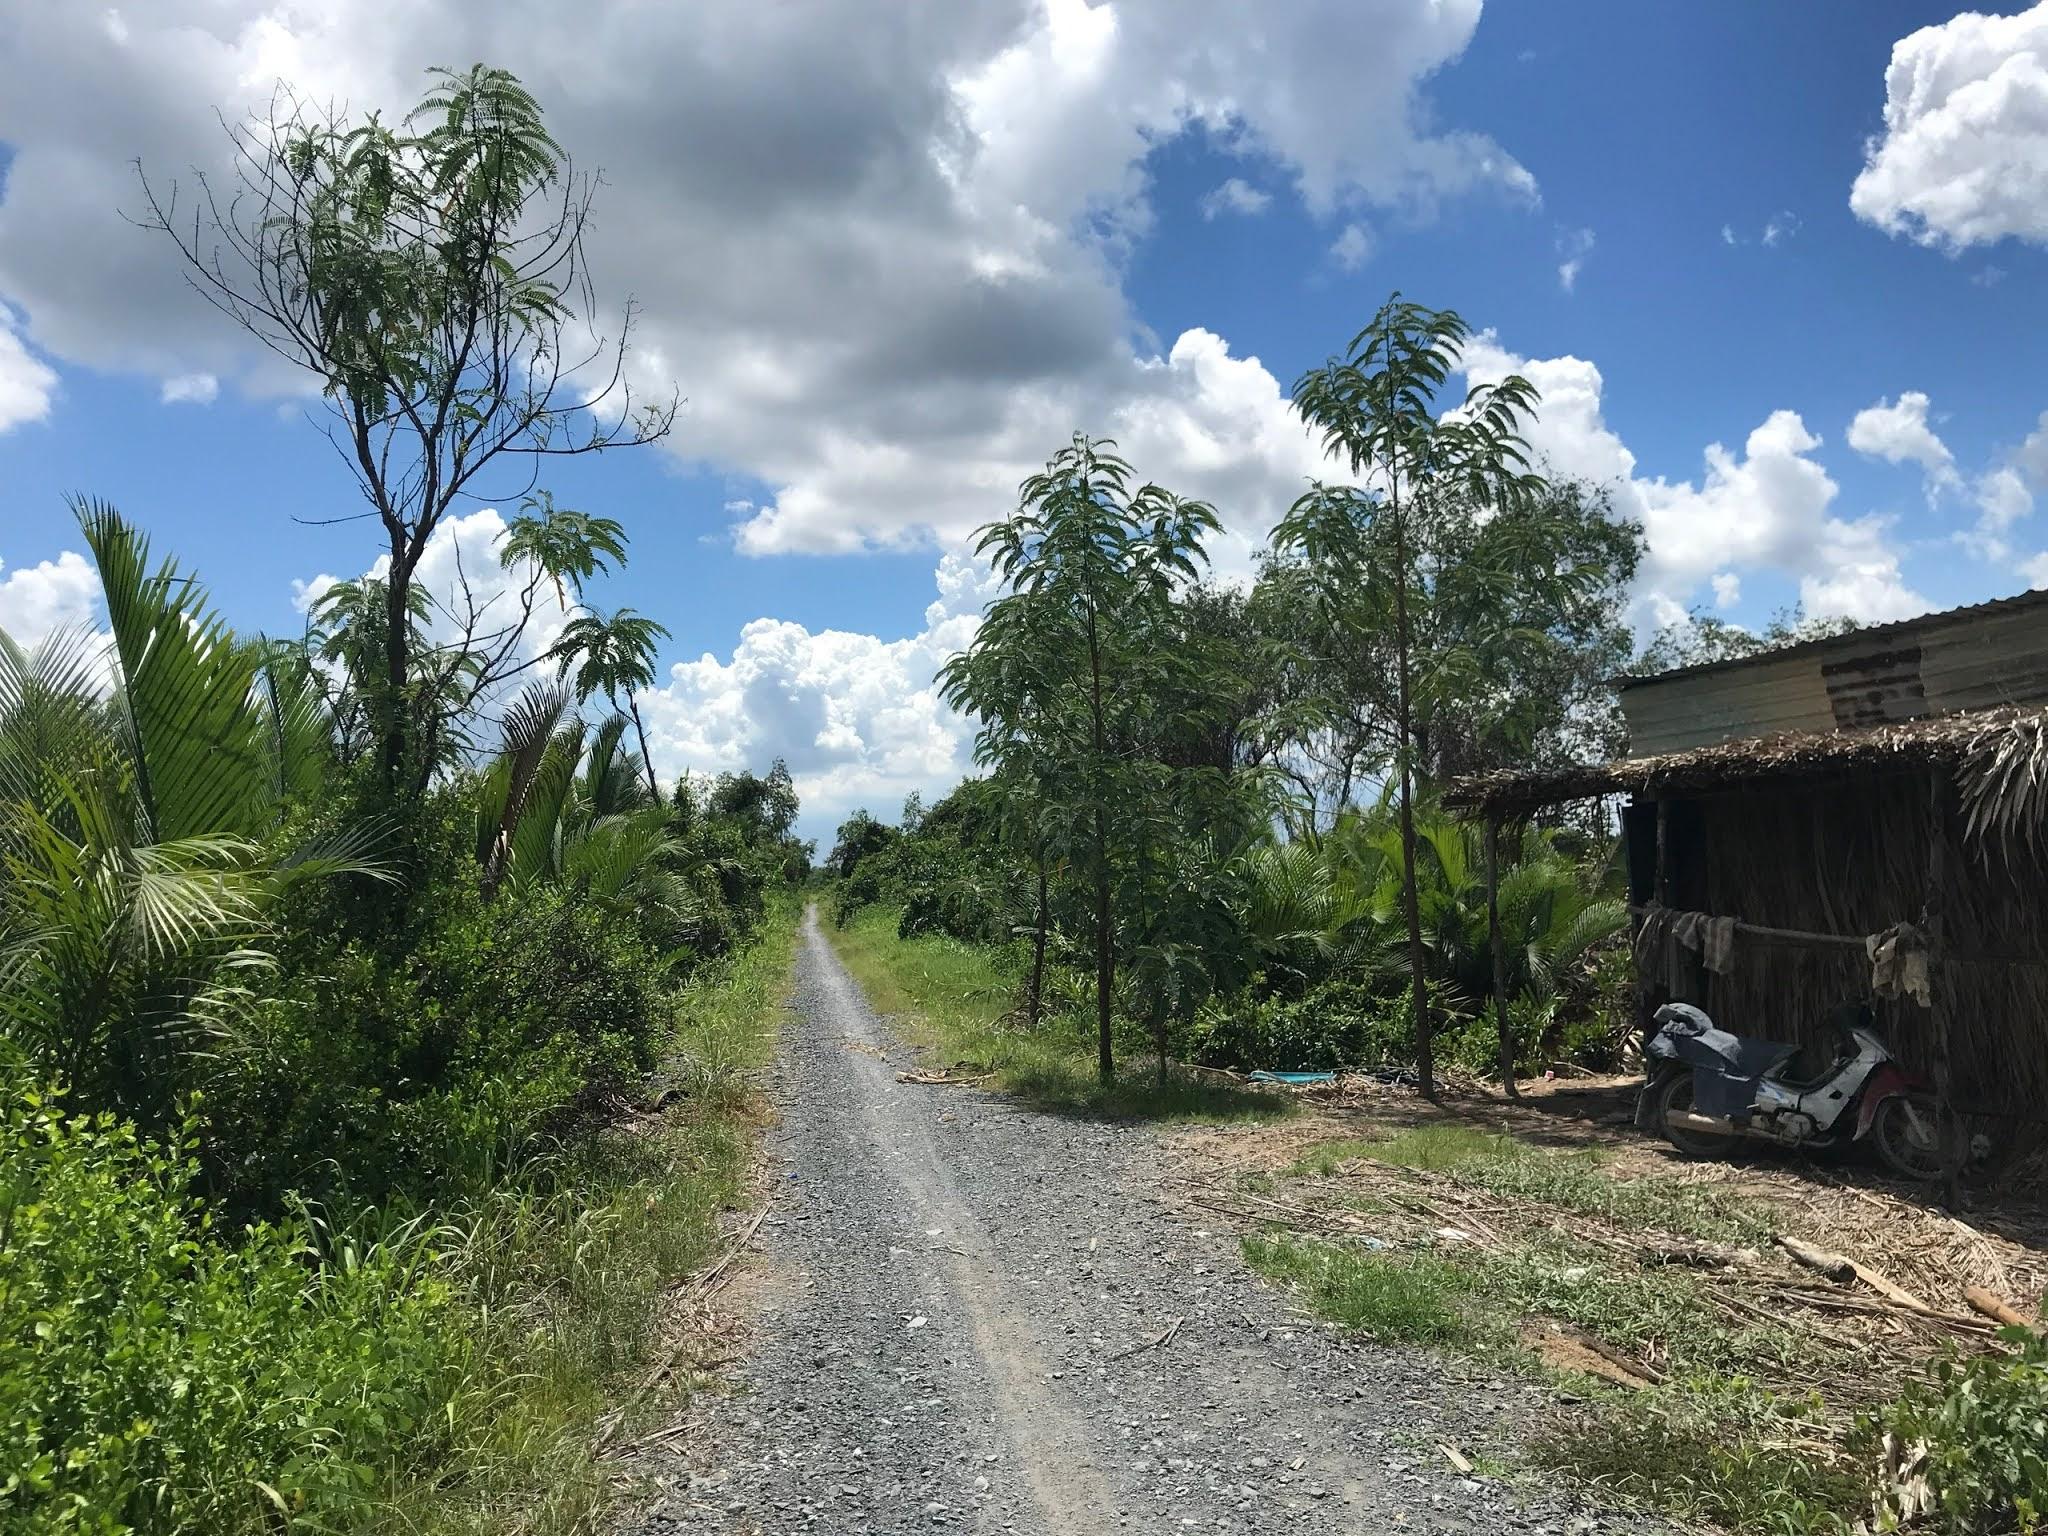 Bán 1.5ha đất trồng cây lâu năm, đường Đê An Hòa, Tam Thôn Hiệp